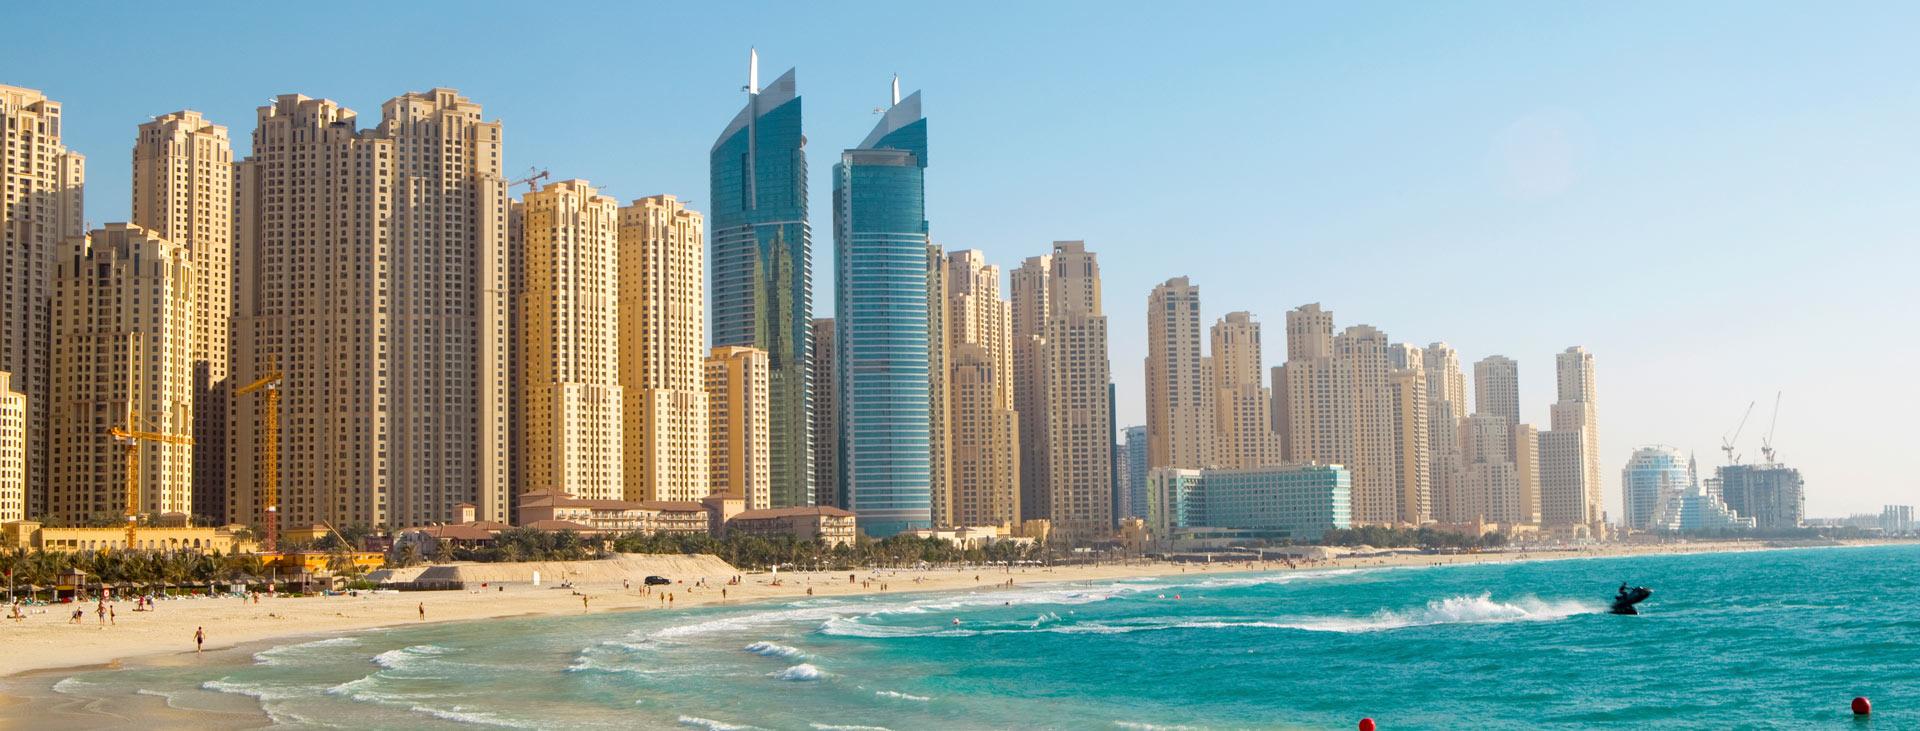 JA Oasis Beach Tower, Jumeirah Beach, Dubai, Förenade Arabemiraten